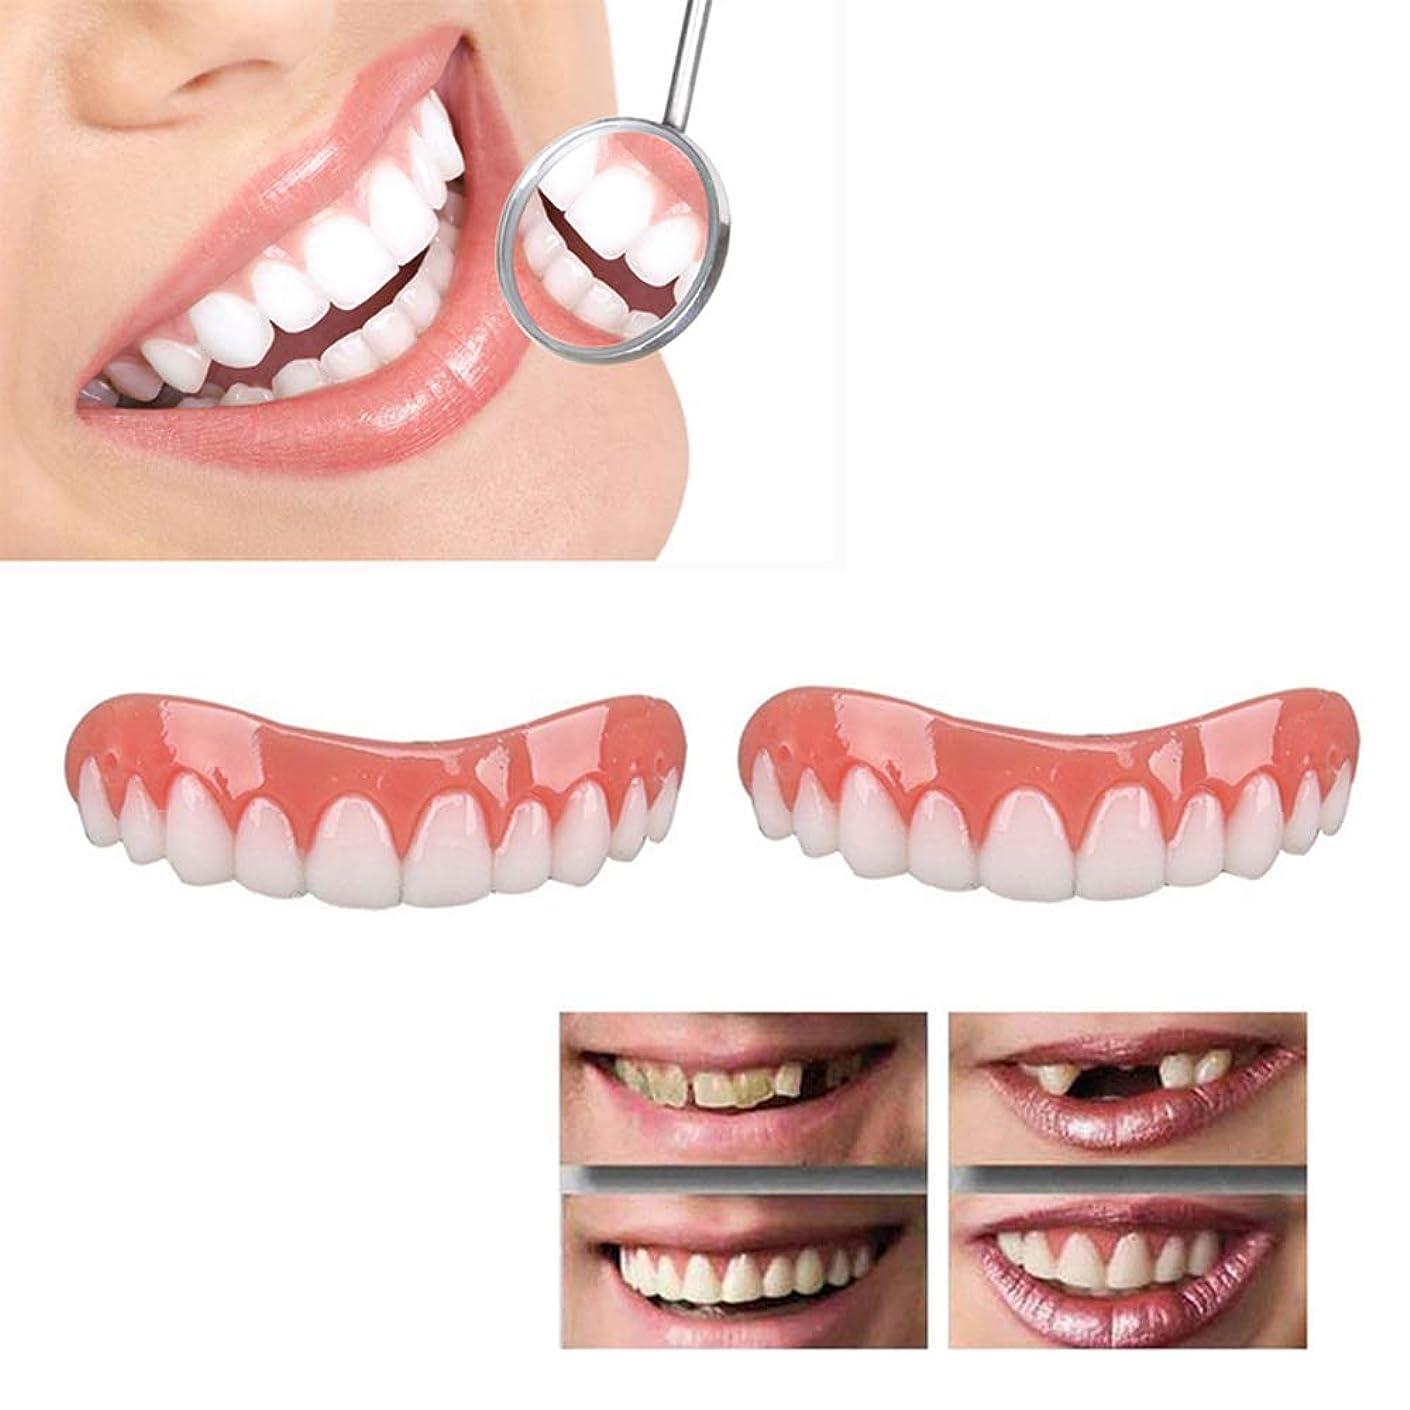 仮装ピンチ悲しいことに一時的な歯の矯正のための笑顔のベニヤコンフォートフィットフレックスアッパー歯セット上の偽歯インスタントスナップ